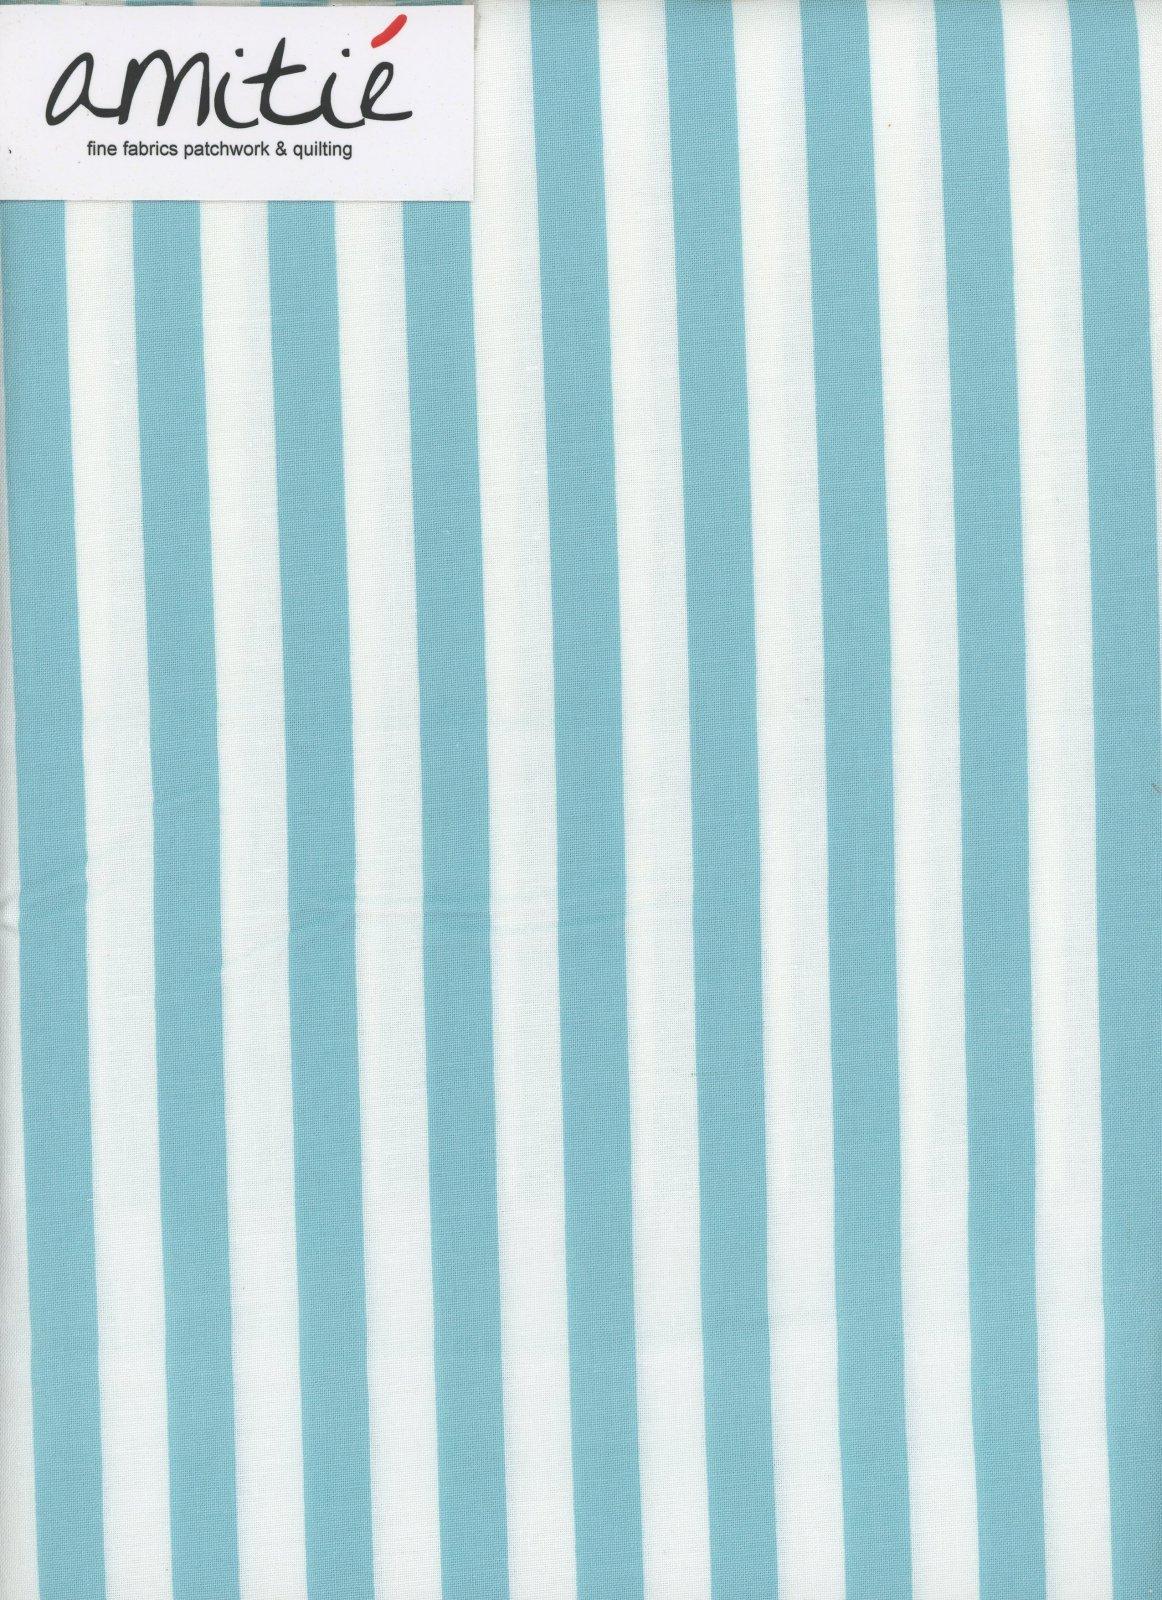 Le Creme - 1/2 Aqua/Cream Stripe